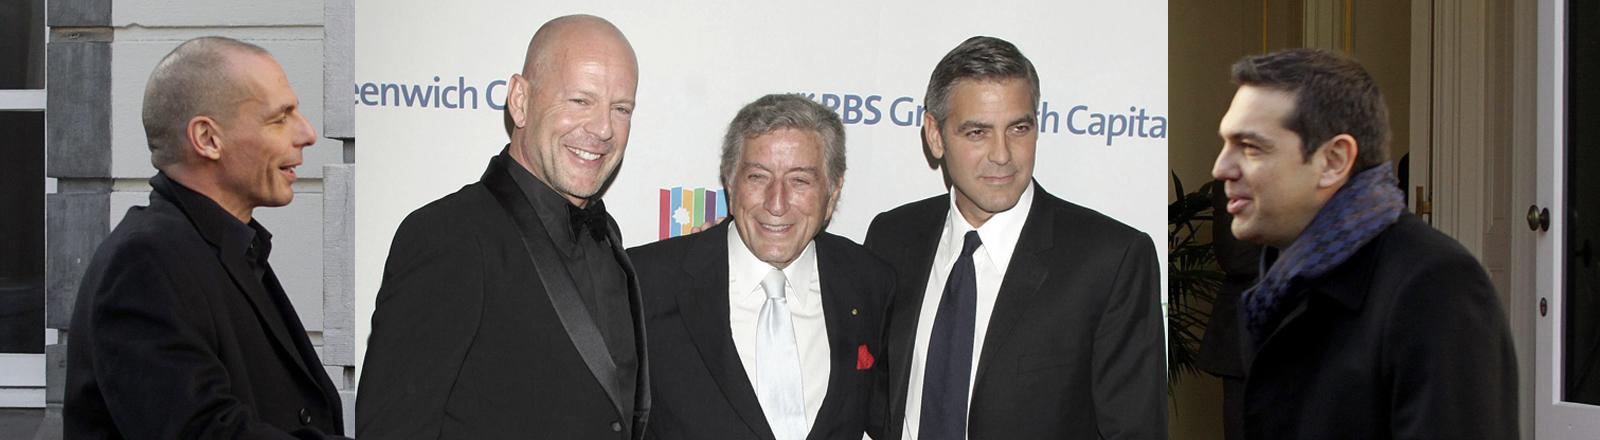 Yanis Varoufakis und Alexis Tsipras | Bruce Willis und George Clooney